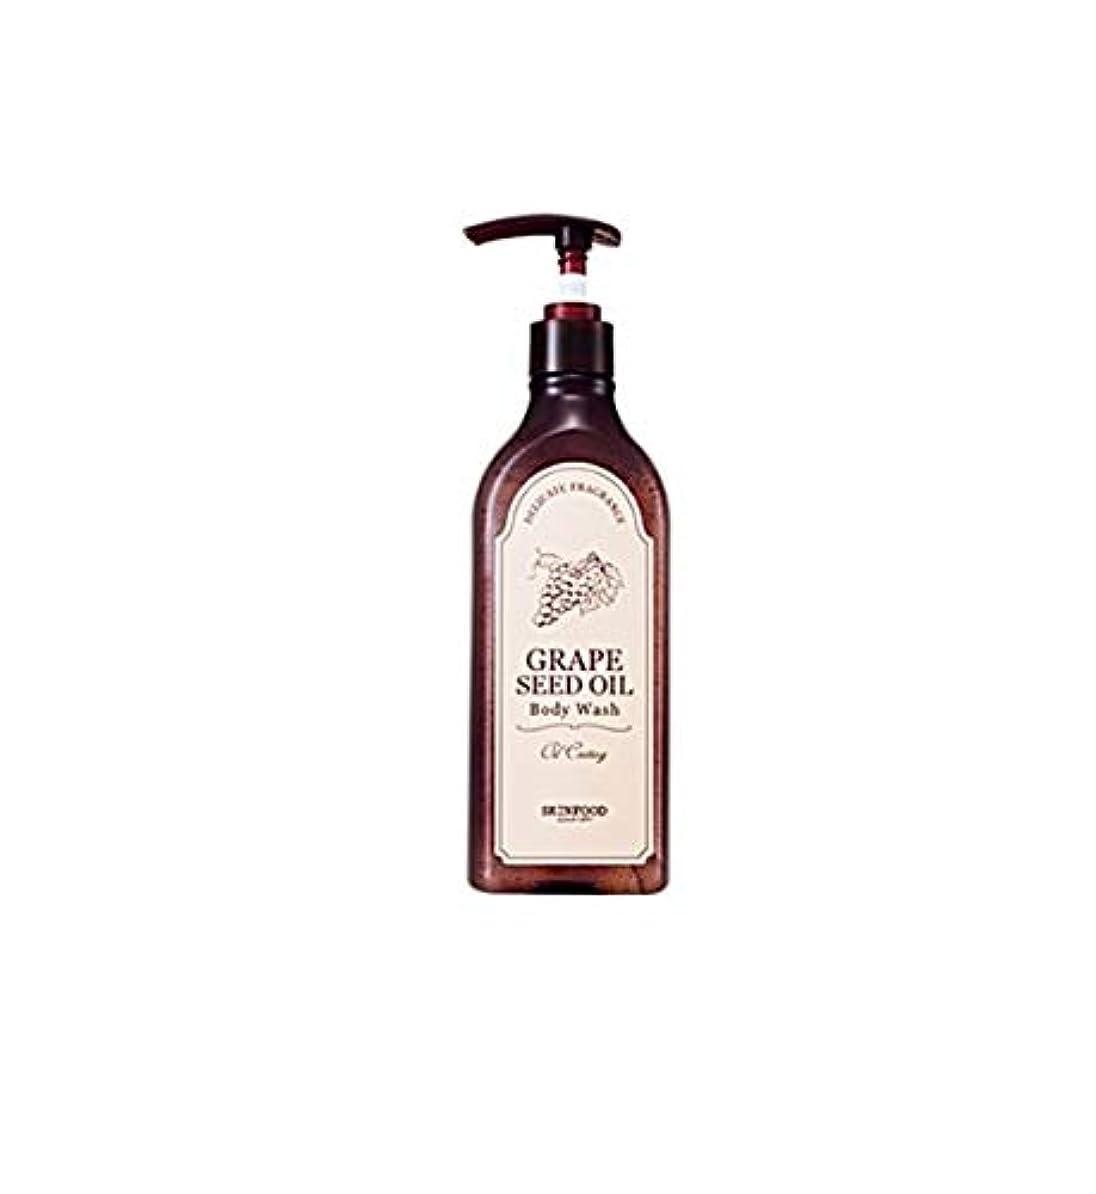 仲間あざ年次Skinfood グレープシードオイルボディウォッシュ/Grape Seed Oil Body Wash 335ml [並行輸入品]